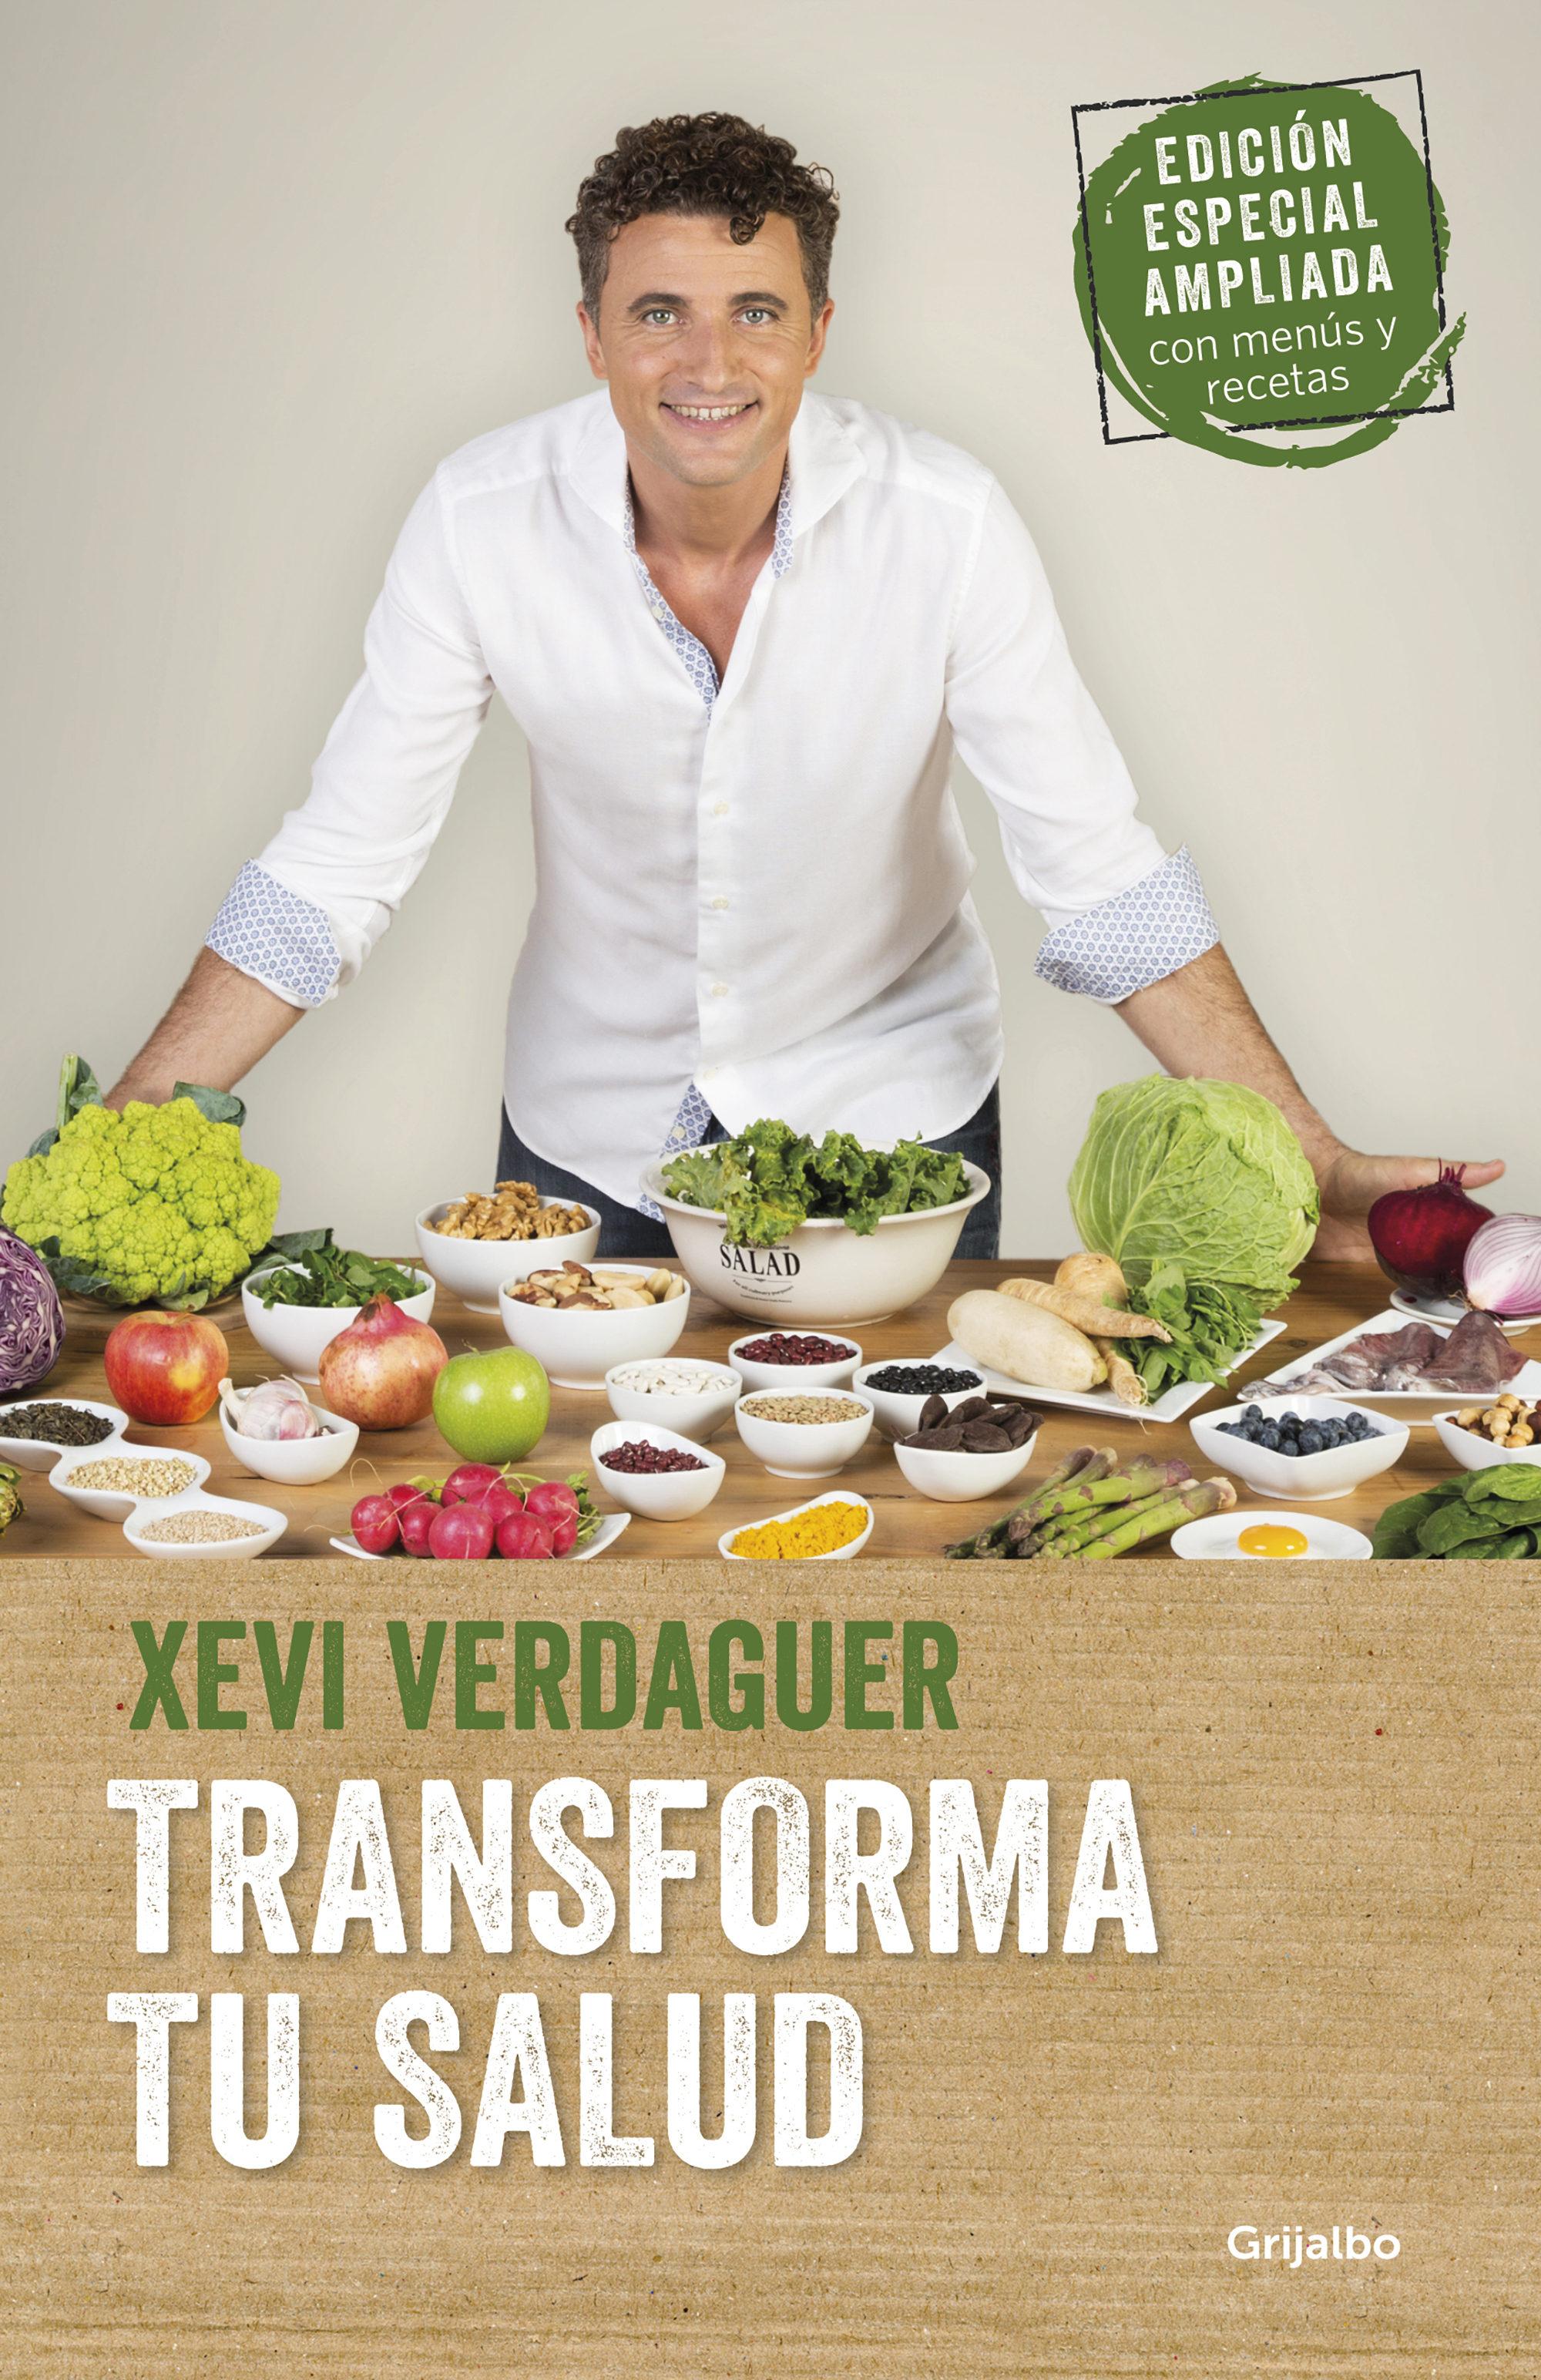 Transforma Tu Salud (edición Ampliada): La Clave Está En Las Bacterias Intestinales Y Las Hormonas